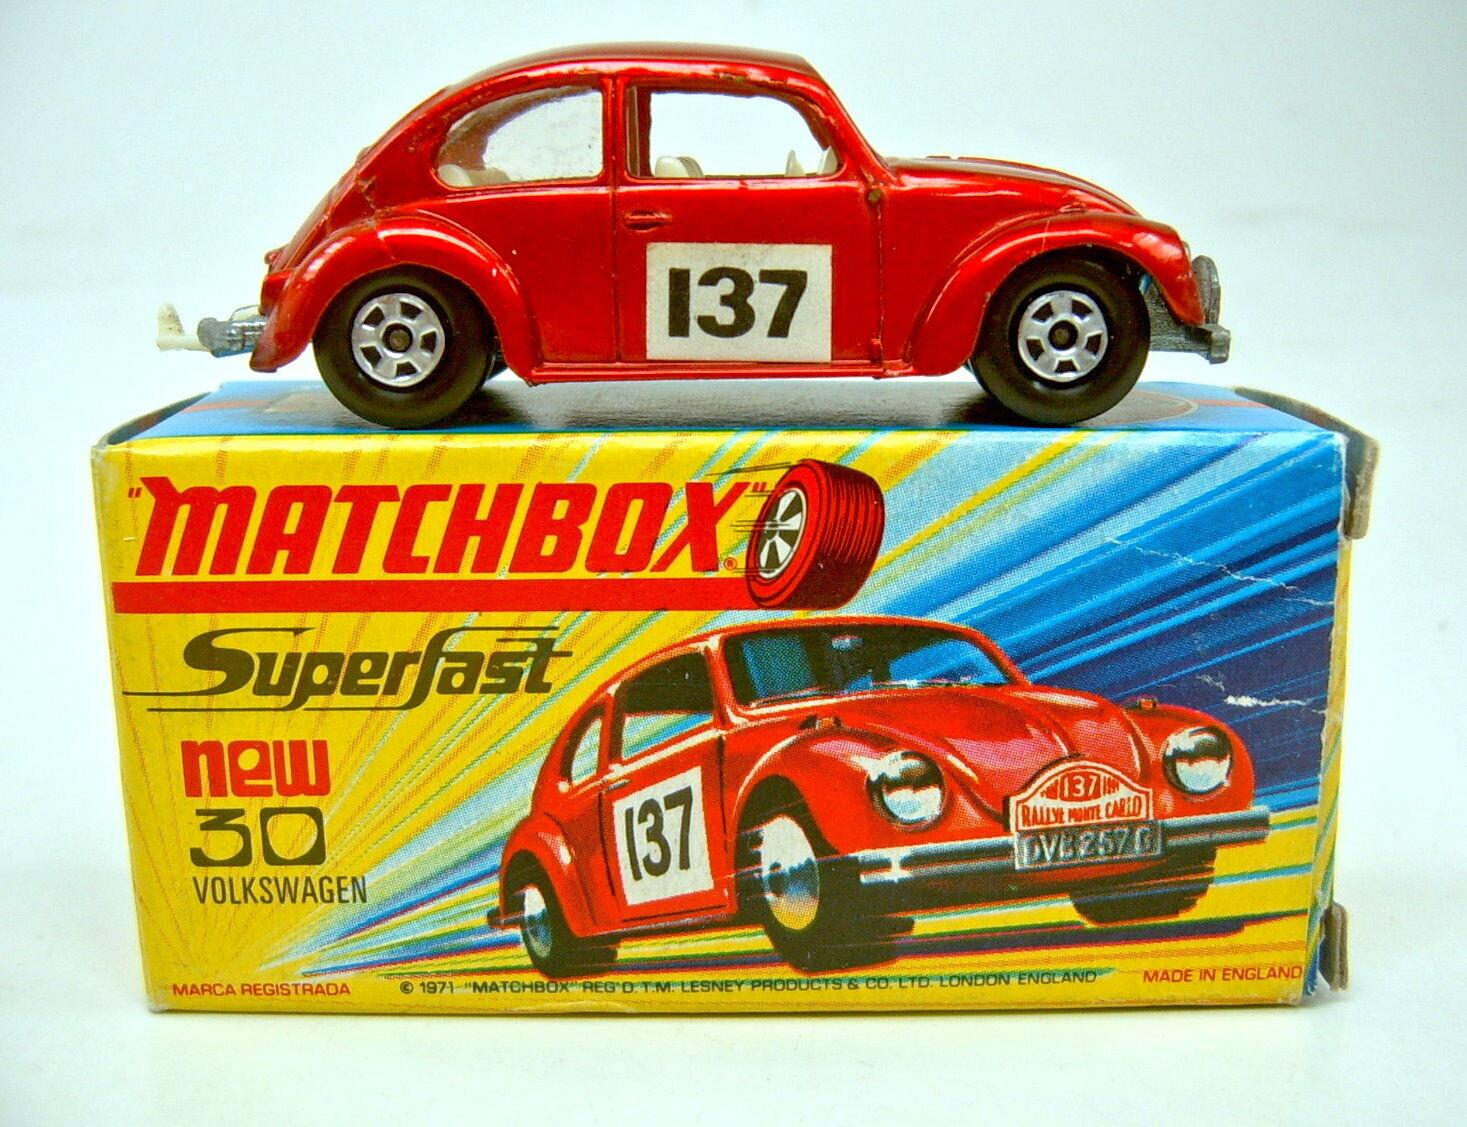 MATCHBOX SF Nº 15 A VW 1500 rougemet. Extrêmement rare  no. 30  Japon-Box